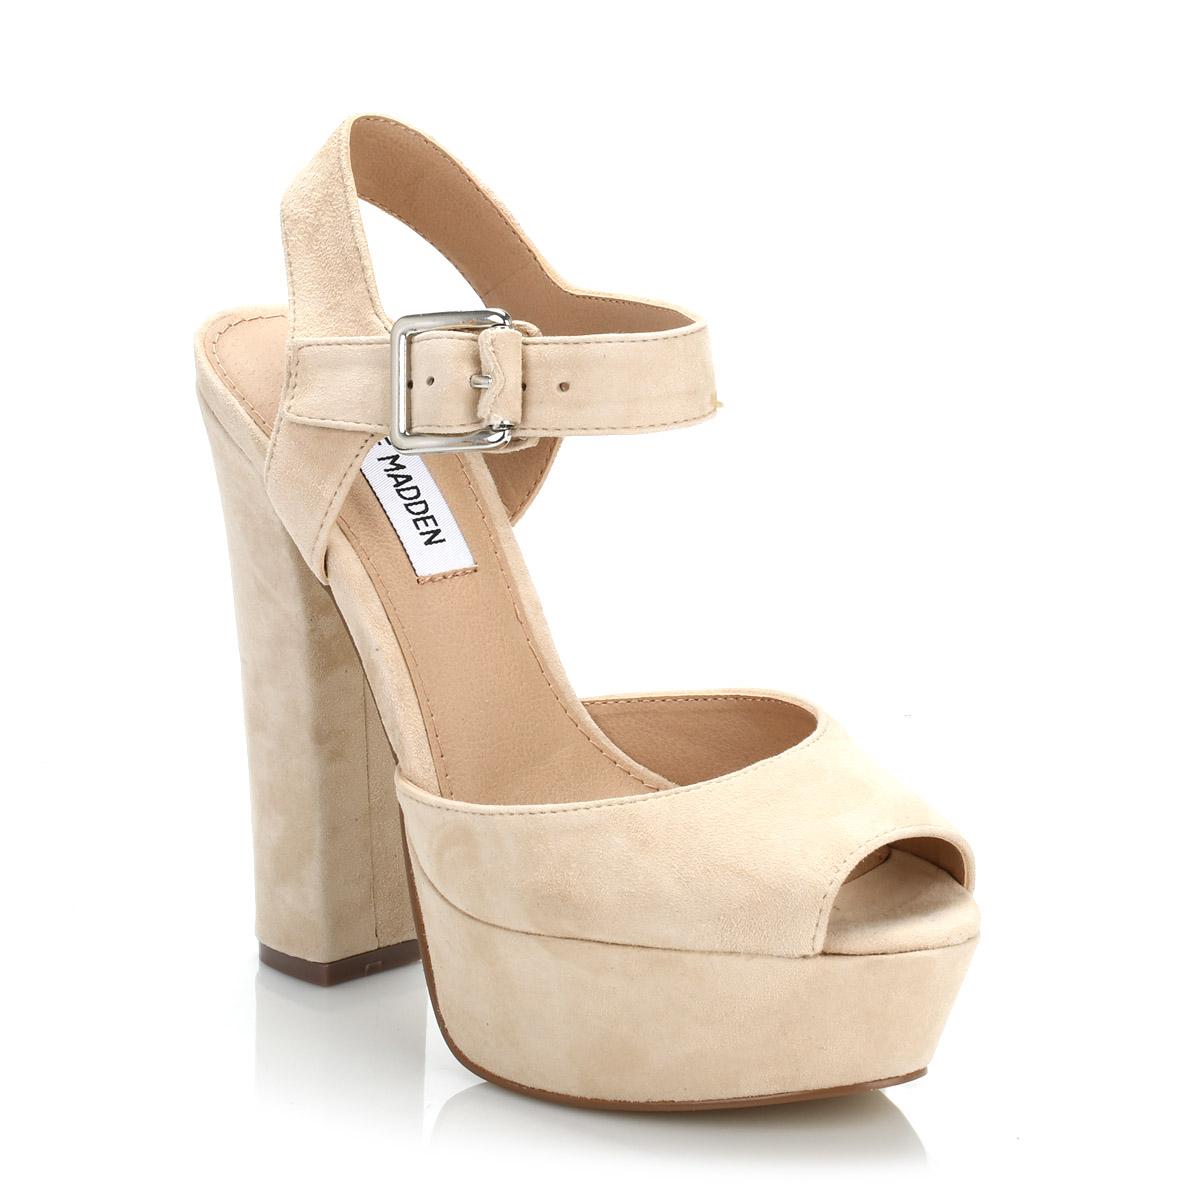 steve madden womens blush jillyy suede high heels beige ankle strap sandal shoes ebay. Black Bedroom Furniture Sets. Home Design Ideas